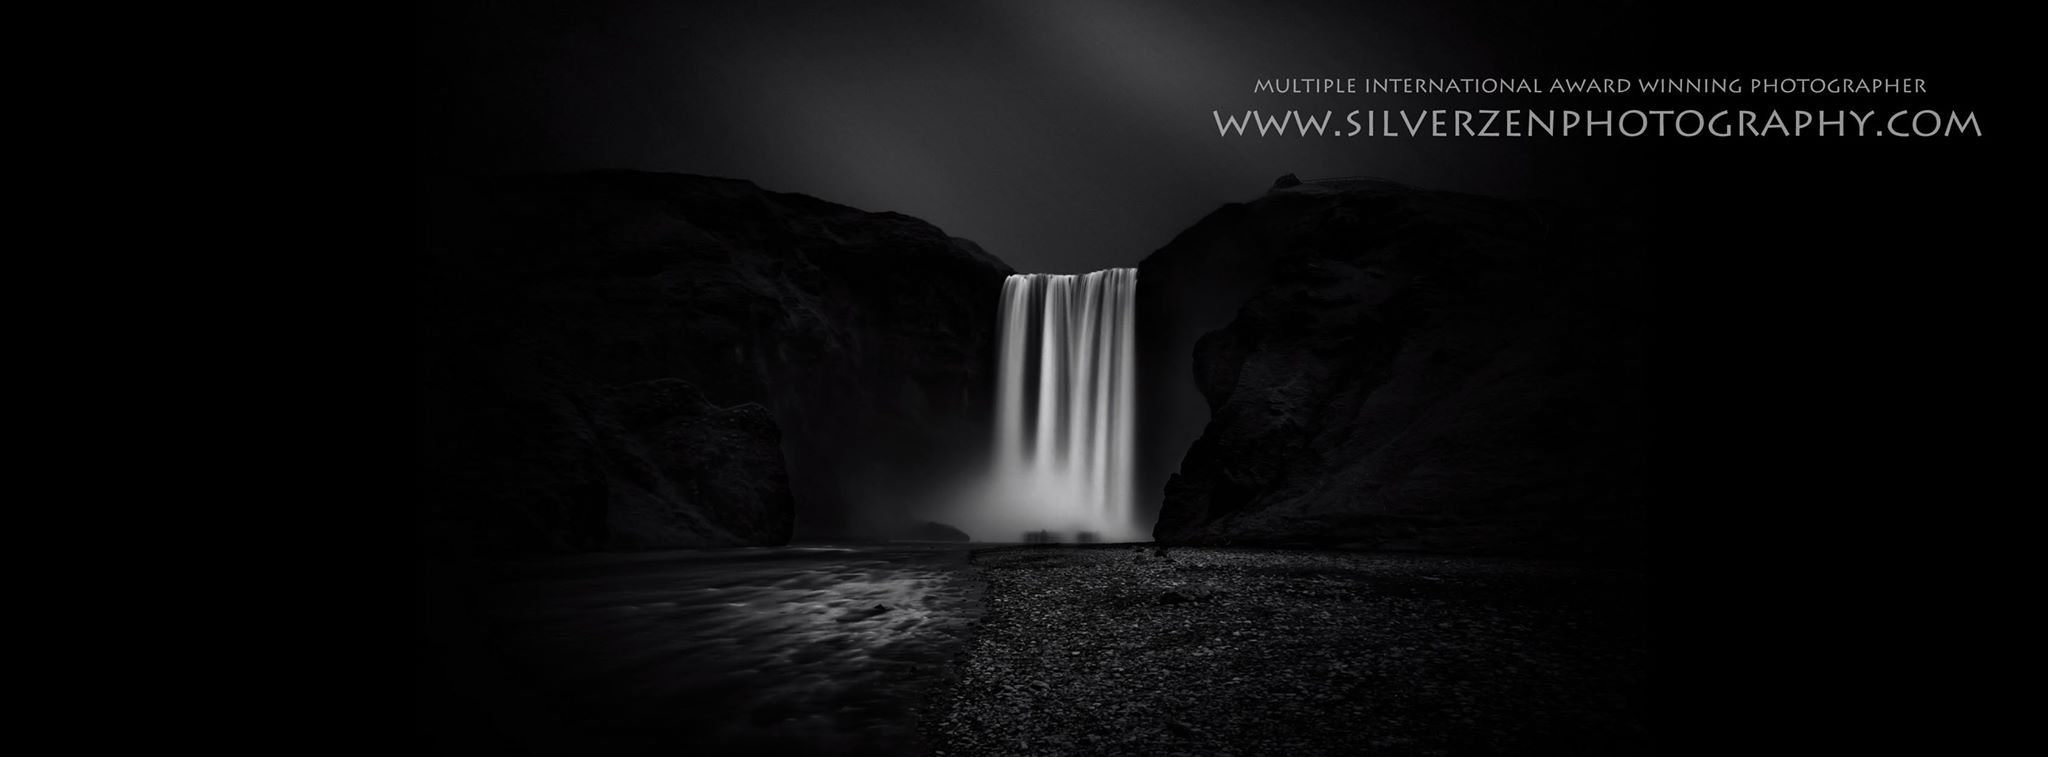 Silver Zen Photography - John Kosmopoulos